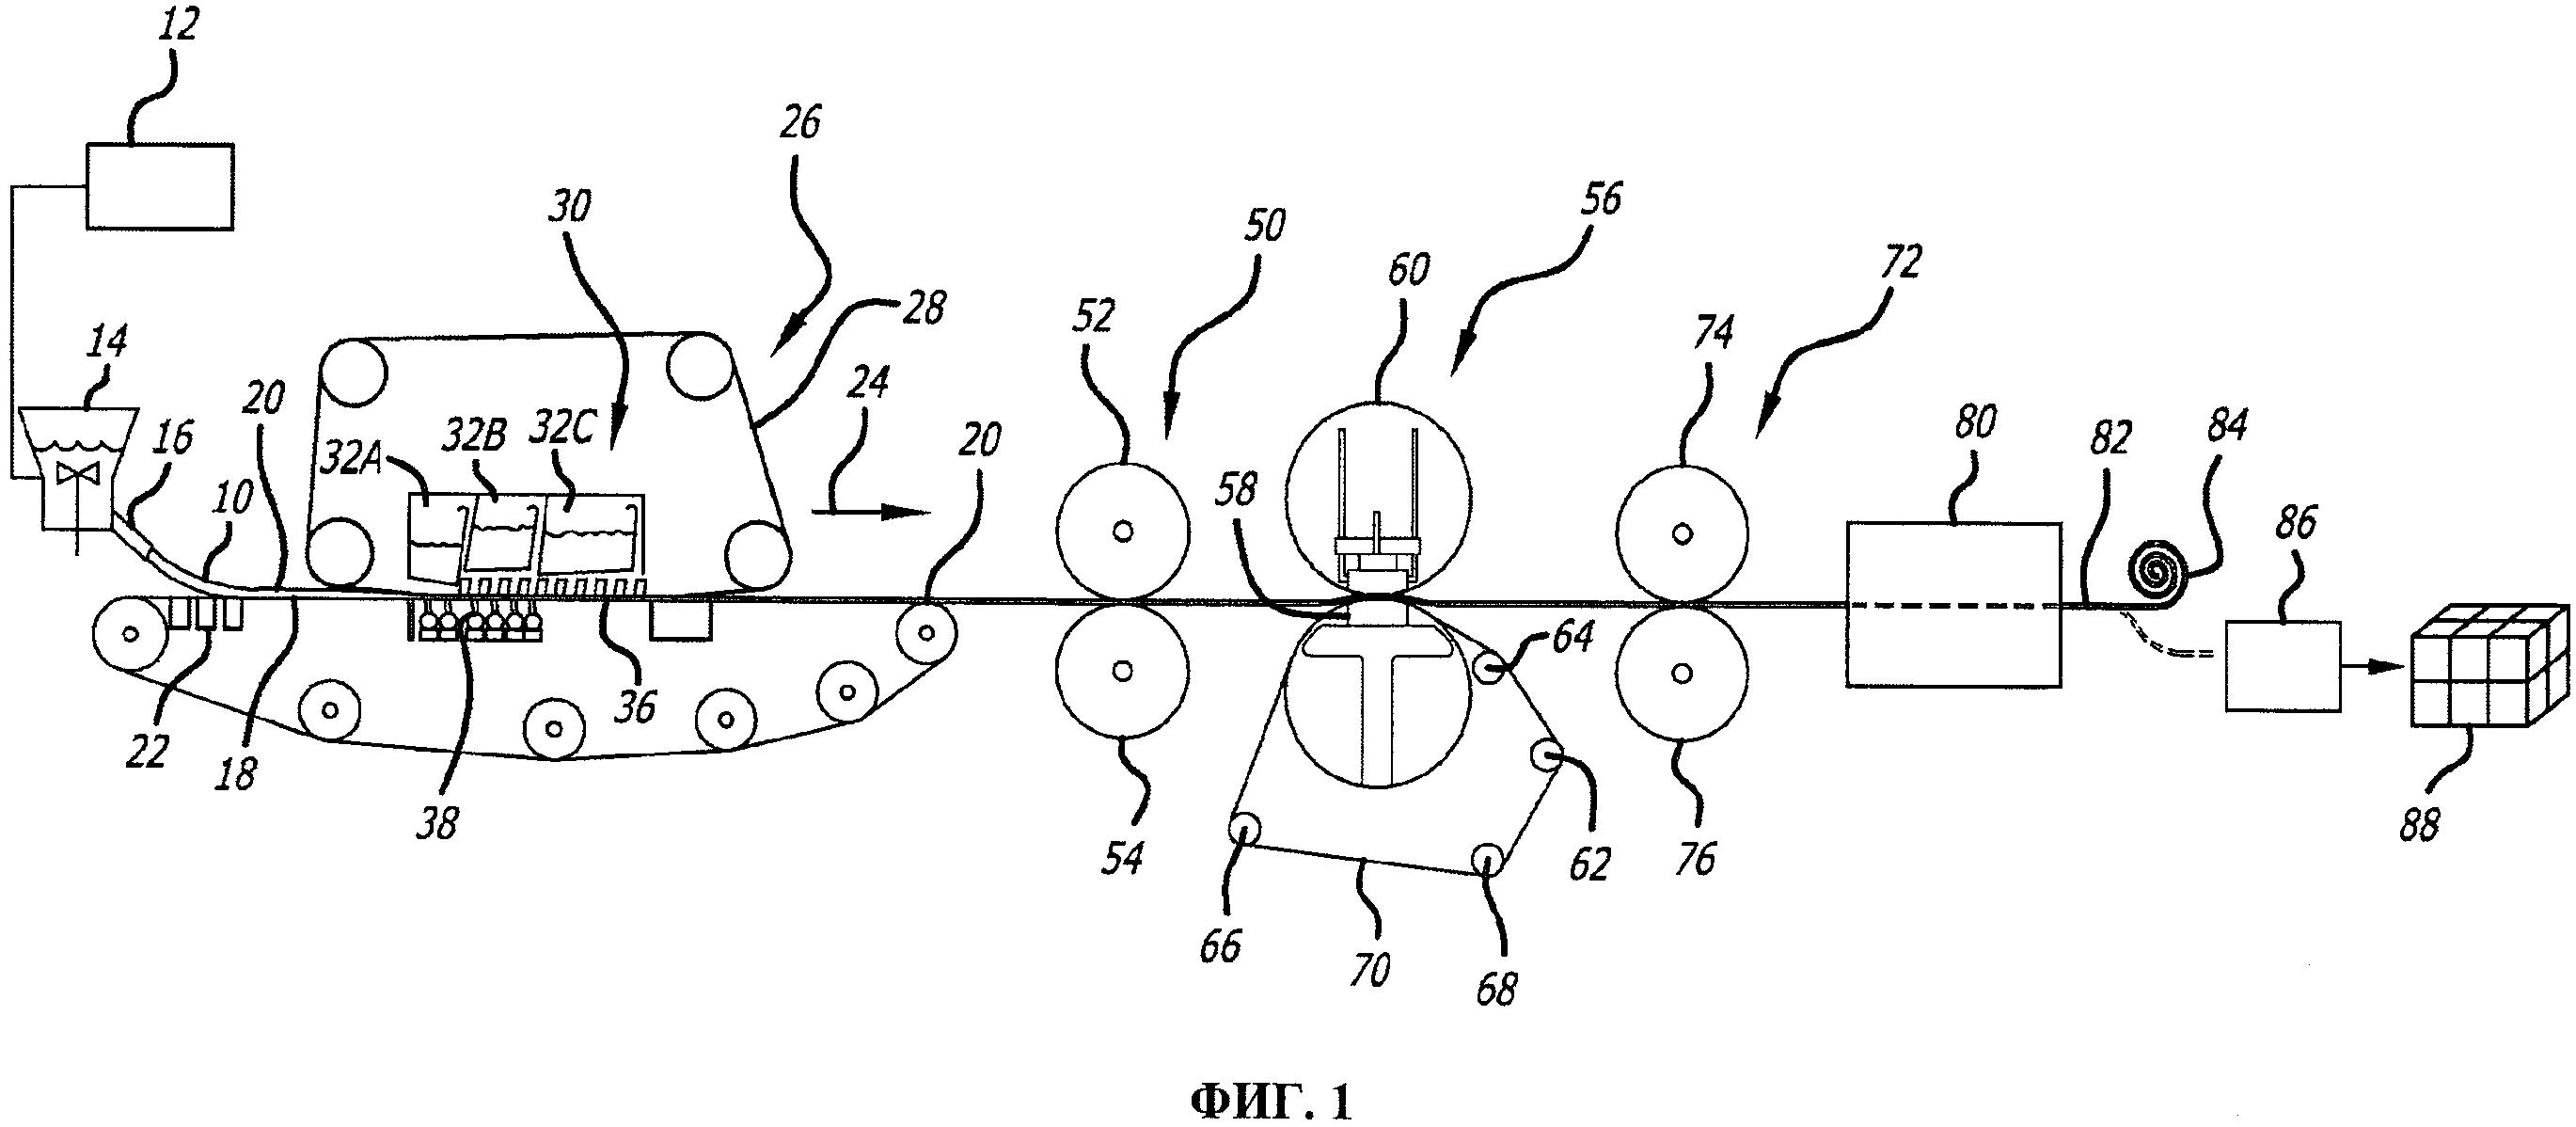 Способы и устройство для формования листов распушенной целлюлозы